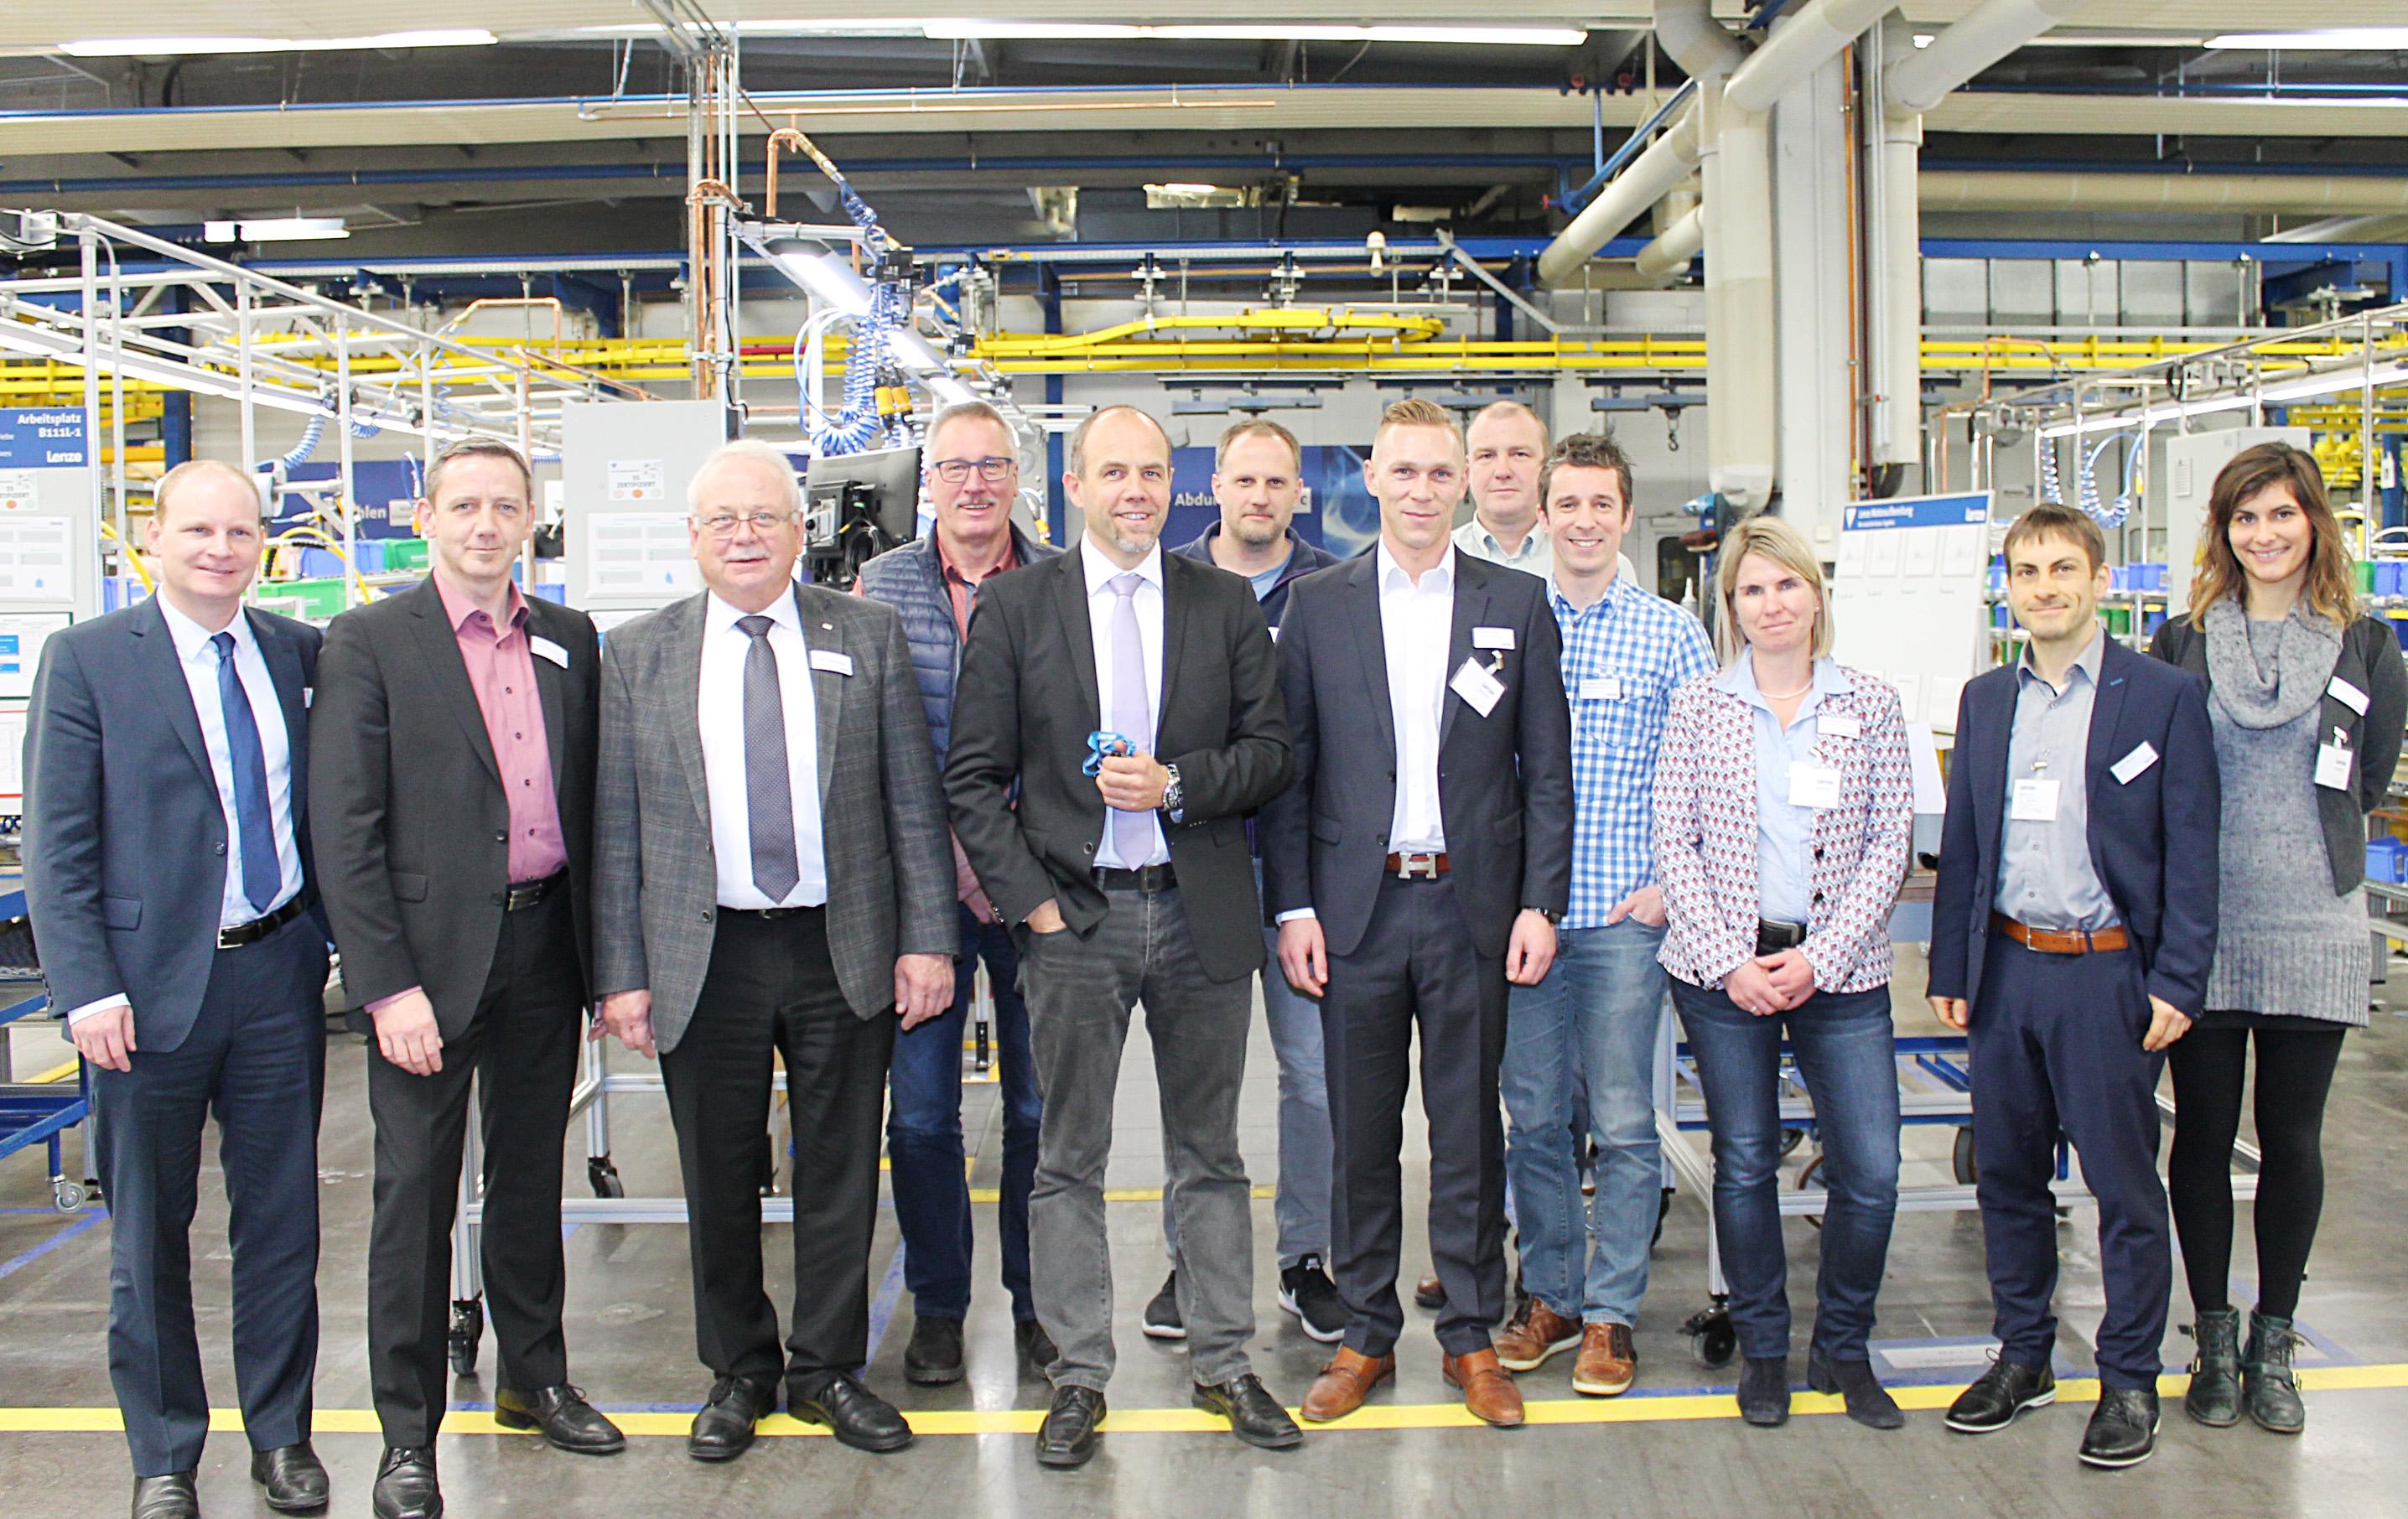 Für mehr Energieeffizienz: Volker Bockskopf (5.v.l.) begrüßte die Teilnehmer des Energienetzwerks des VDMA bei Lenze und präsentierte Ihnen das Energiemanagementsystem von Lenze (Foto: Lenze SE)